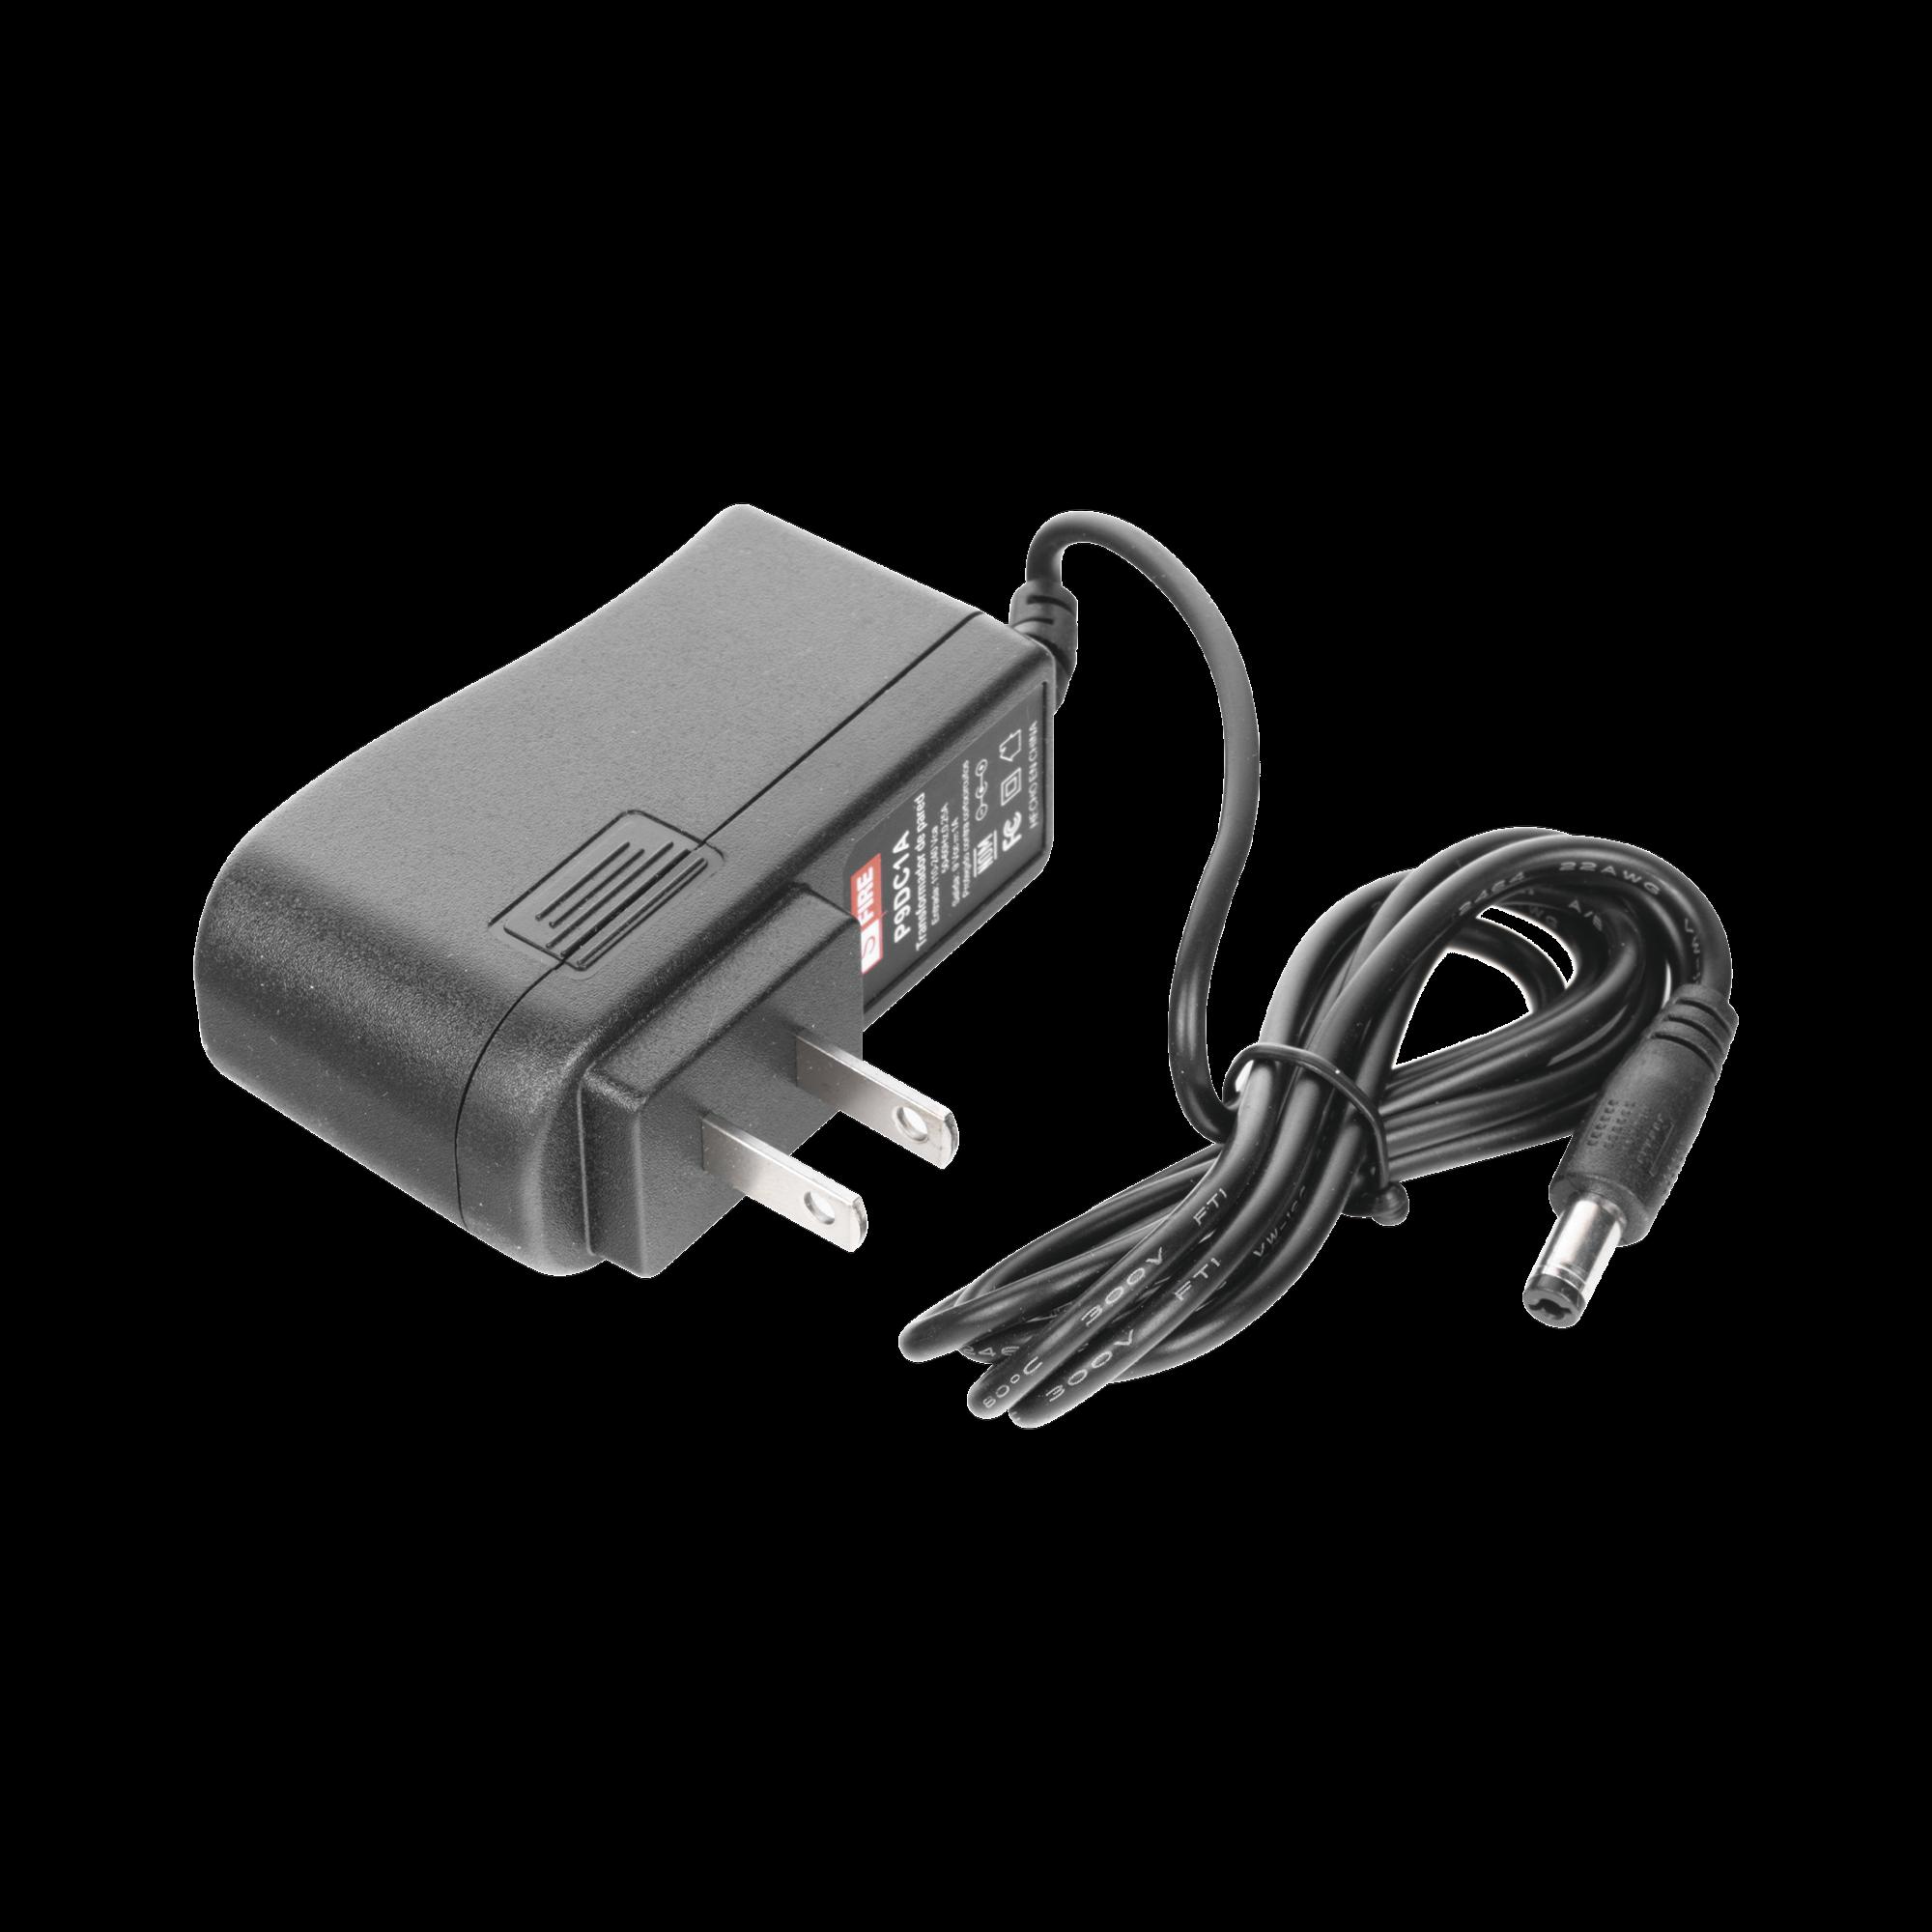 Fuente de poder de 9 Vcd regulado @ 1A UL; Voltaje de entrada de 100-240 Vca. Certificación de NOM